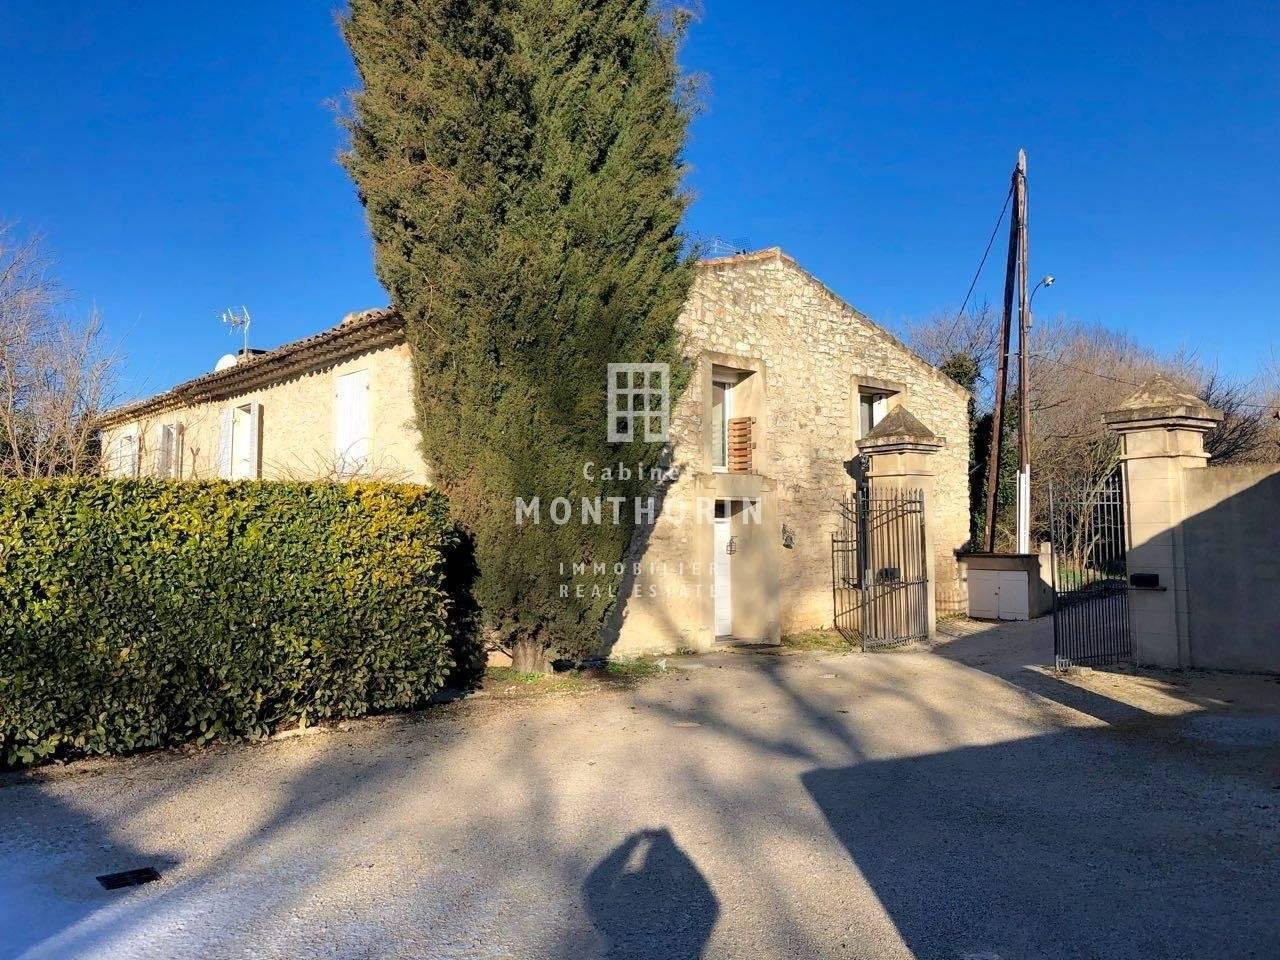 2 6 Aix-en-Provence